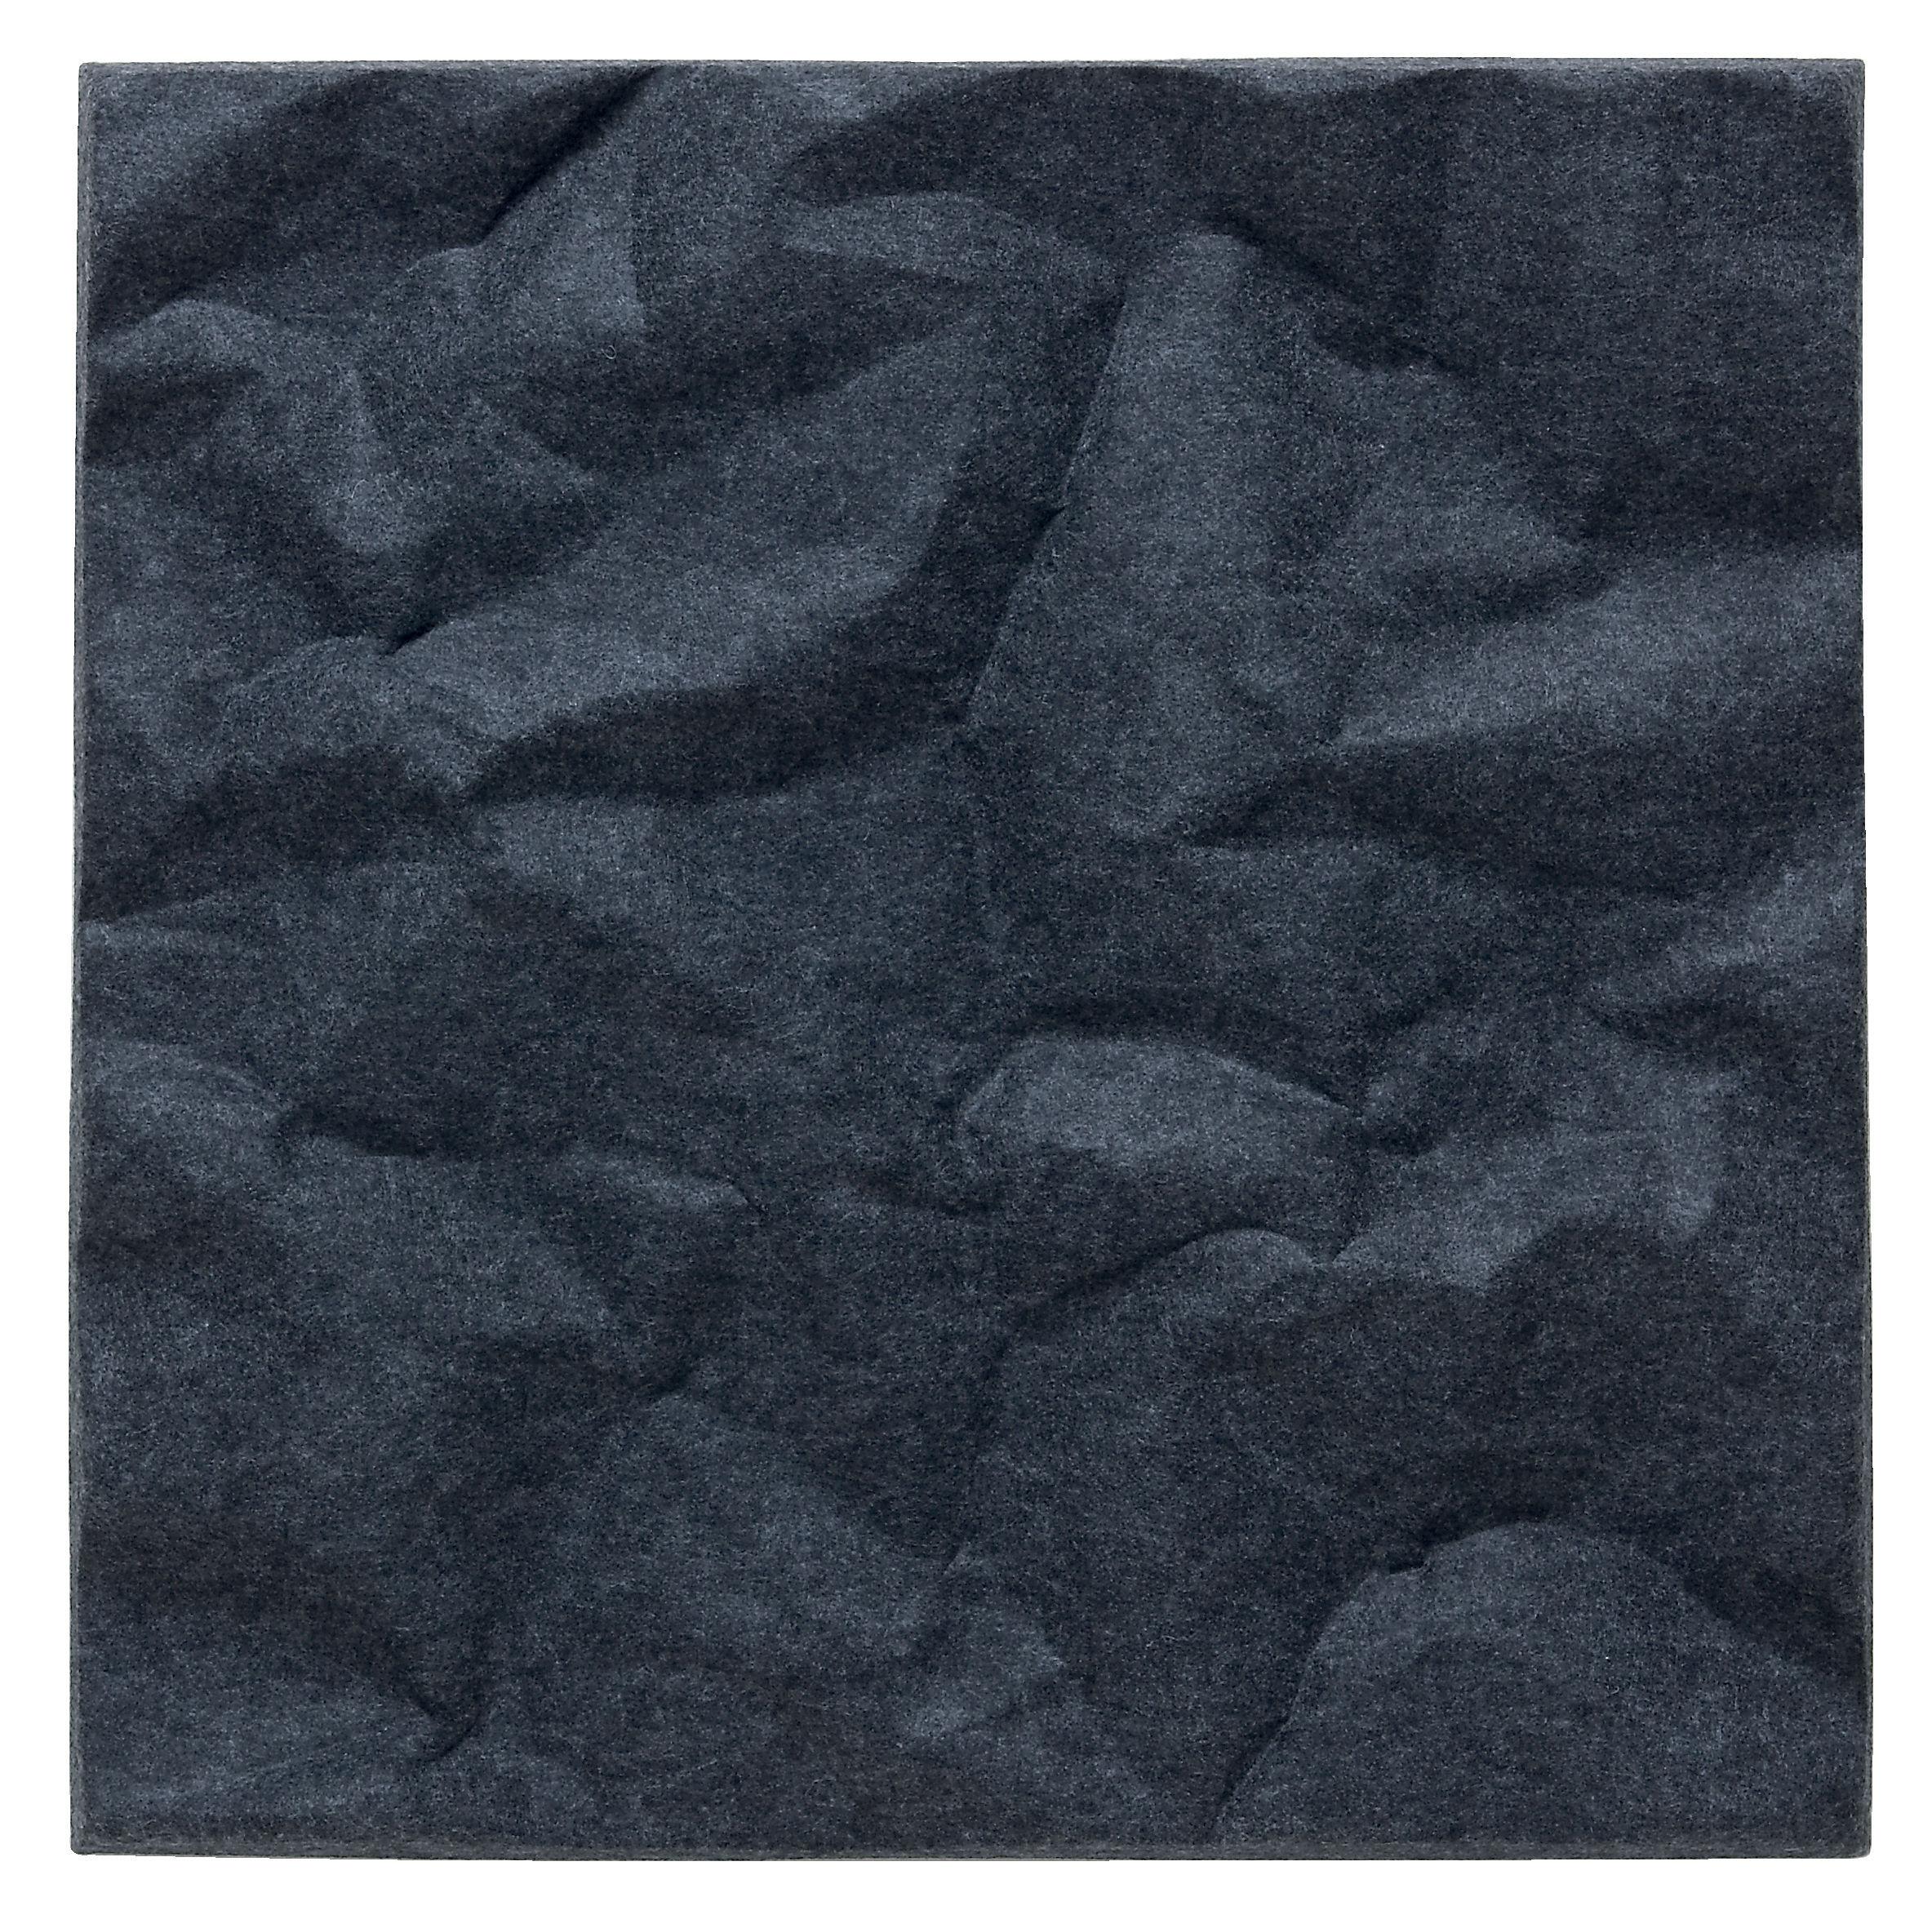 Mobilier - Paravents, séparations - Panneau acoustique mural Soundwave Scrunch - Offecct - Gris anthracite - Fibre de polyester